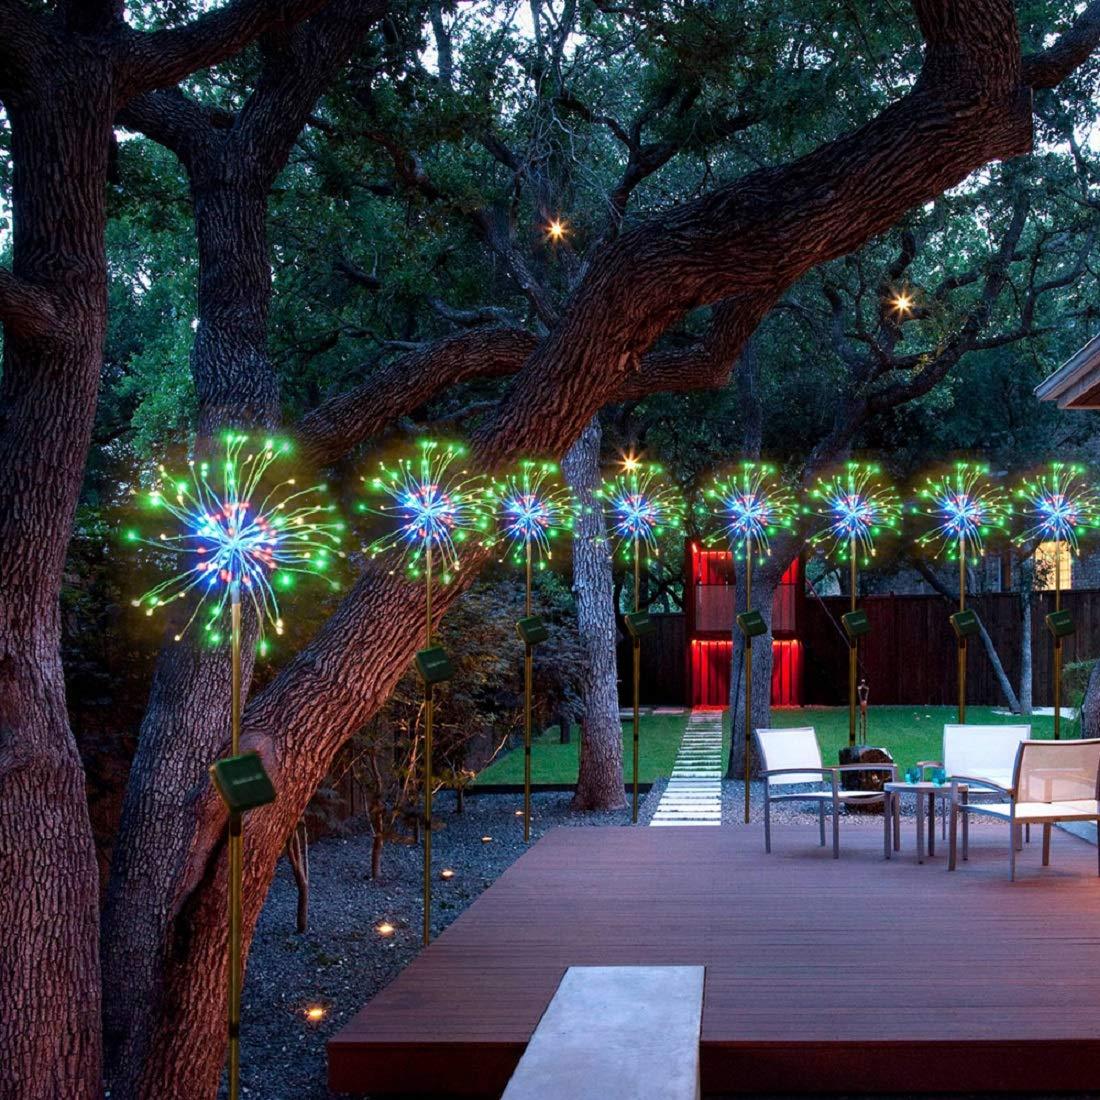 solar fairy light: Starburst String Lights